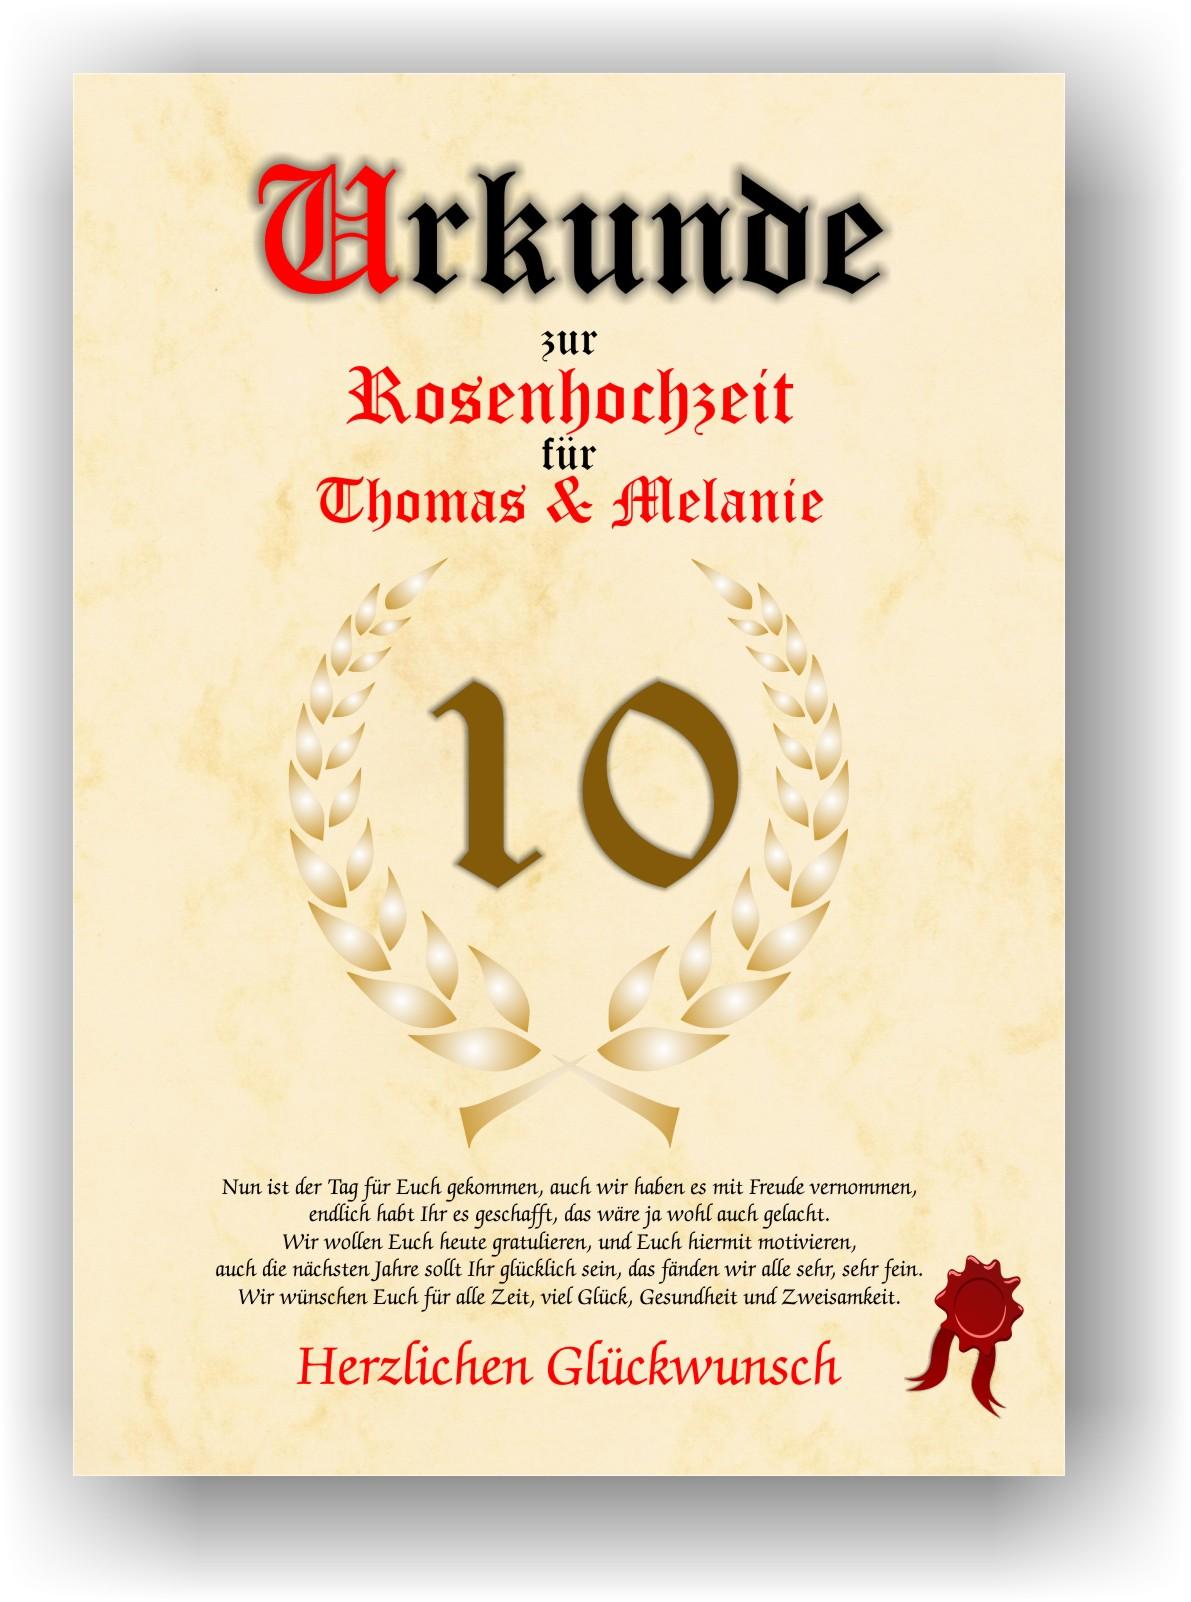 Details About Rosenhochzeit Urkunde Zum 10 Hochzeitstag Geschenkidee Zur Roden Hochzeit Neu